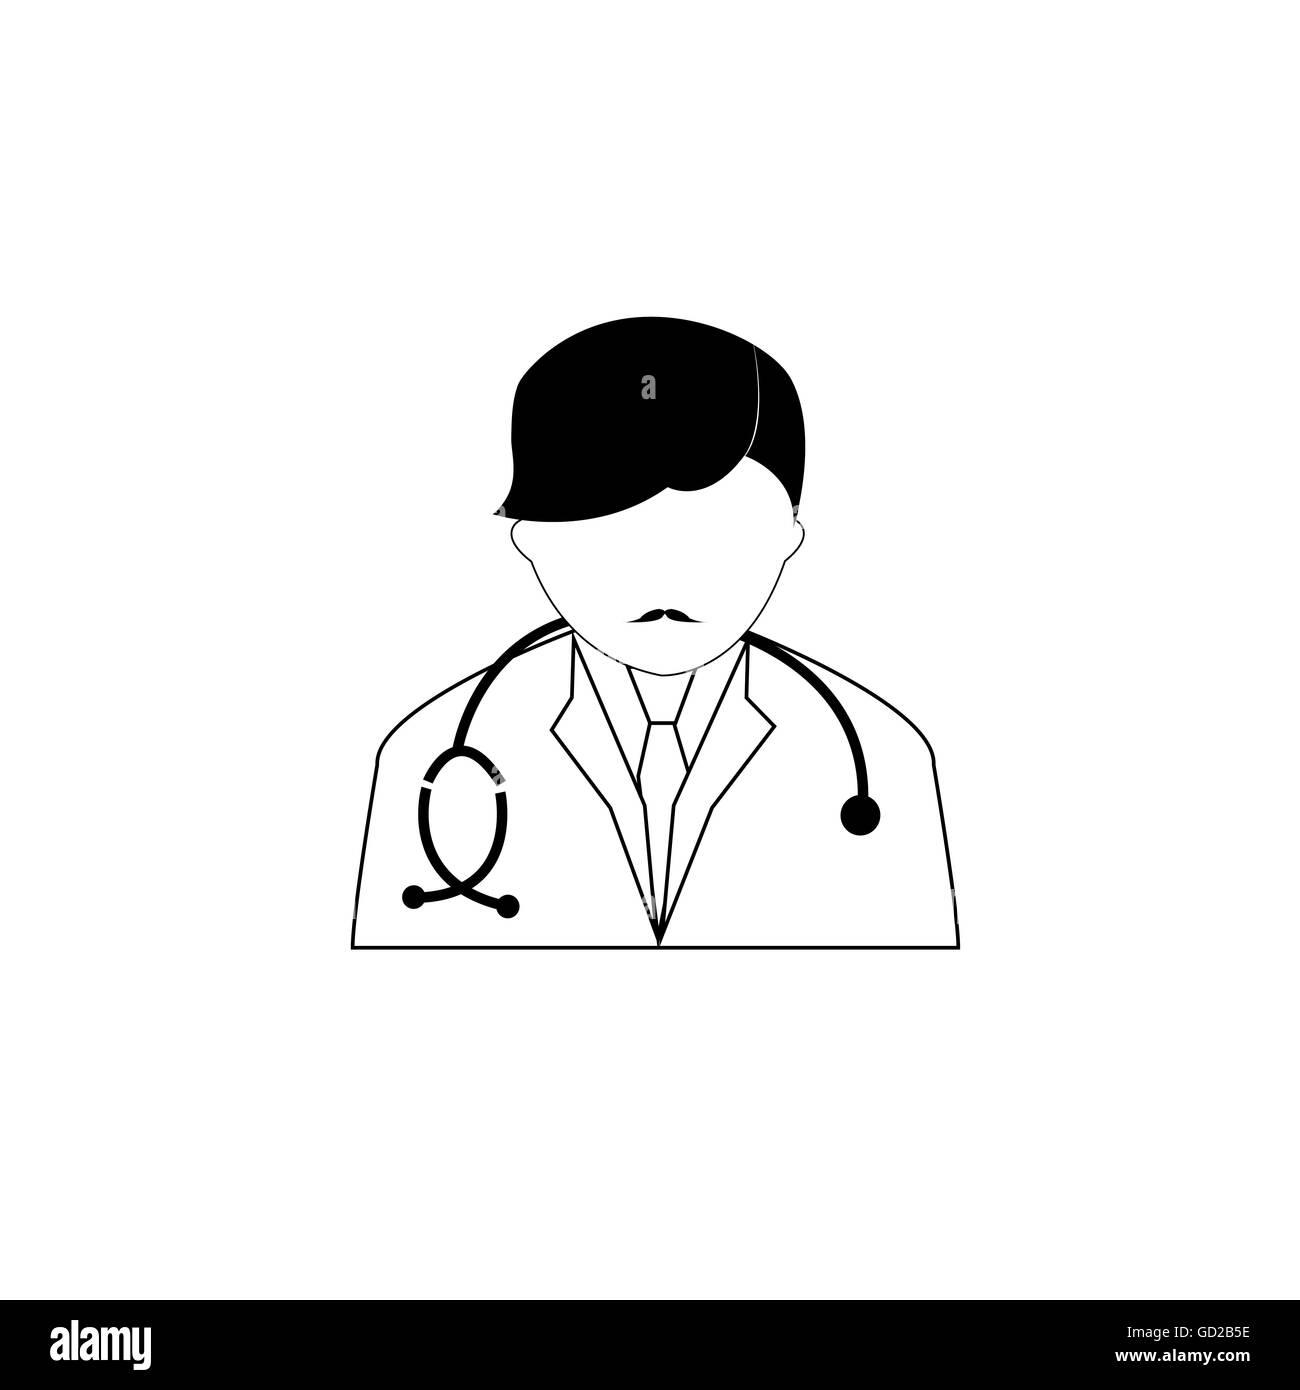 Piktogramm eines Arztes mit seiner sthethoscope Stockbild